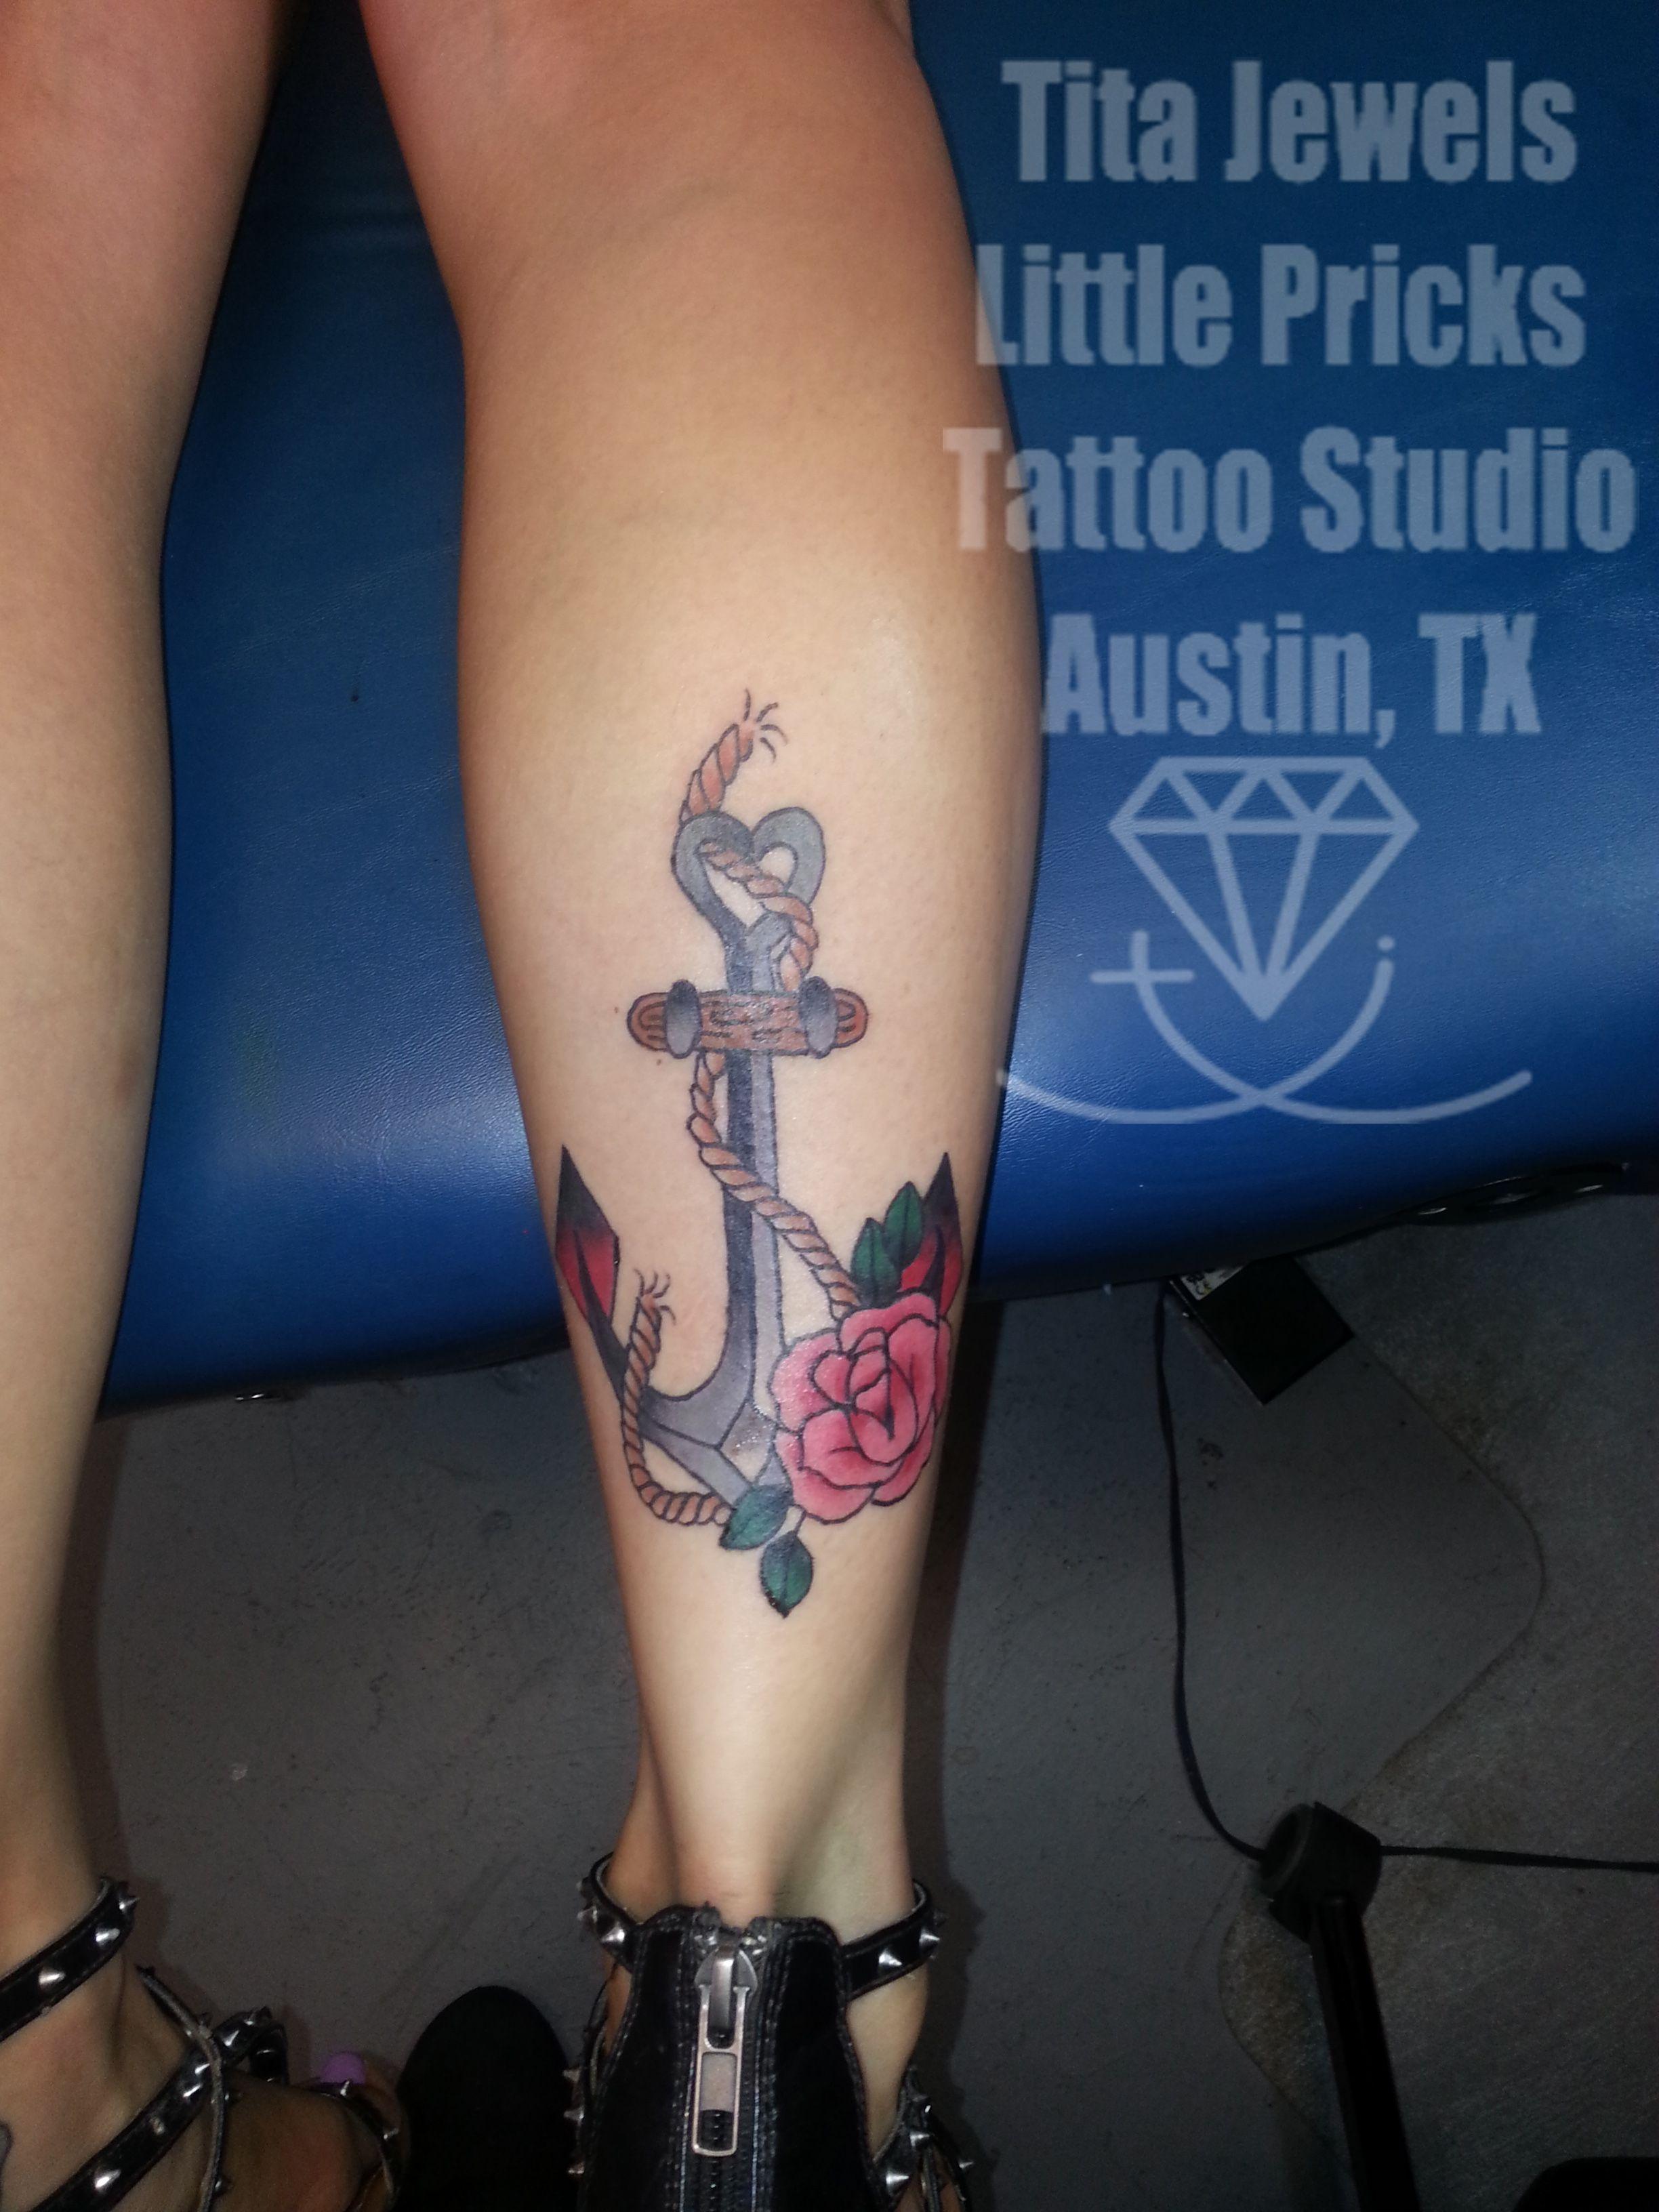 Austin Watercolor Tattoo: Pin On TATTOOS AND ART BY TITA JEWELS ATX